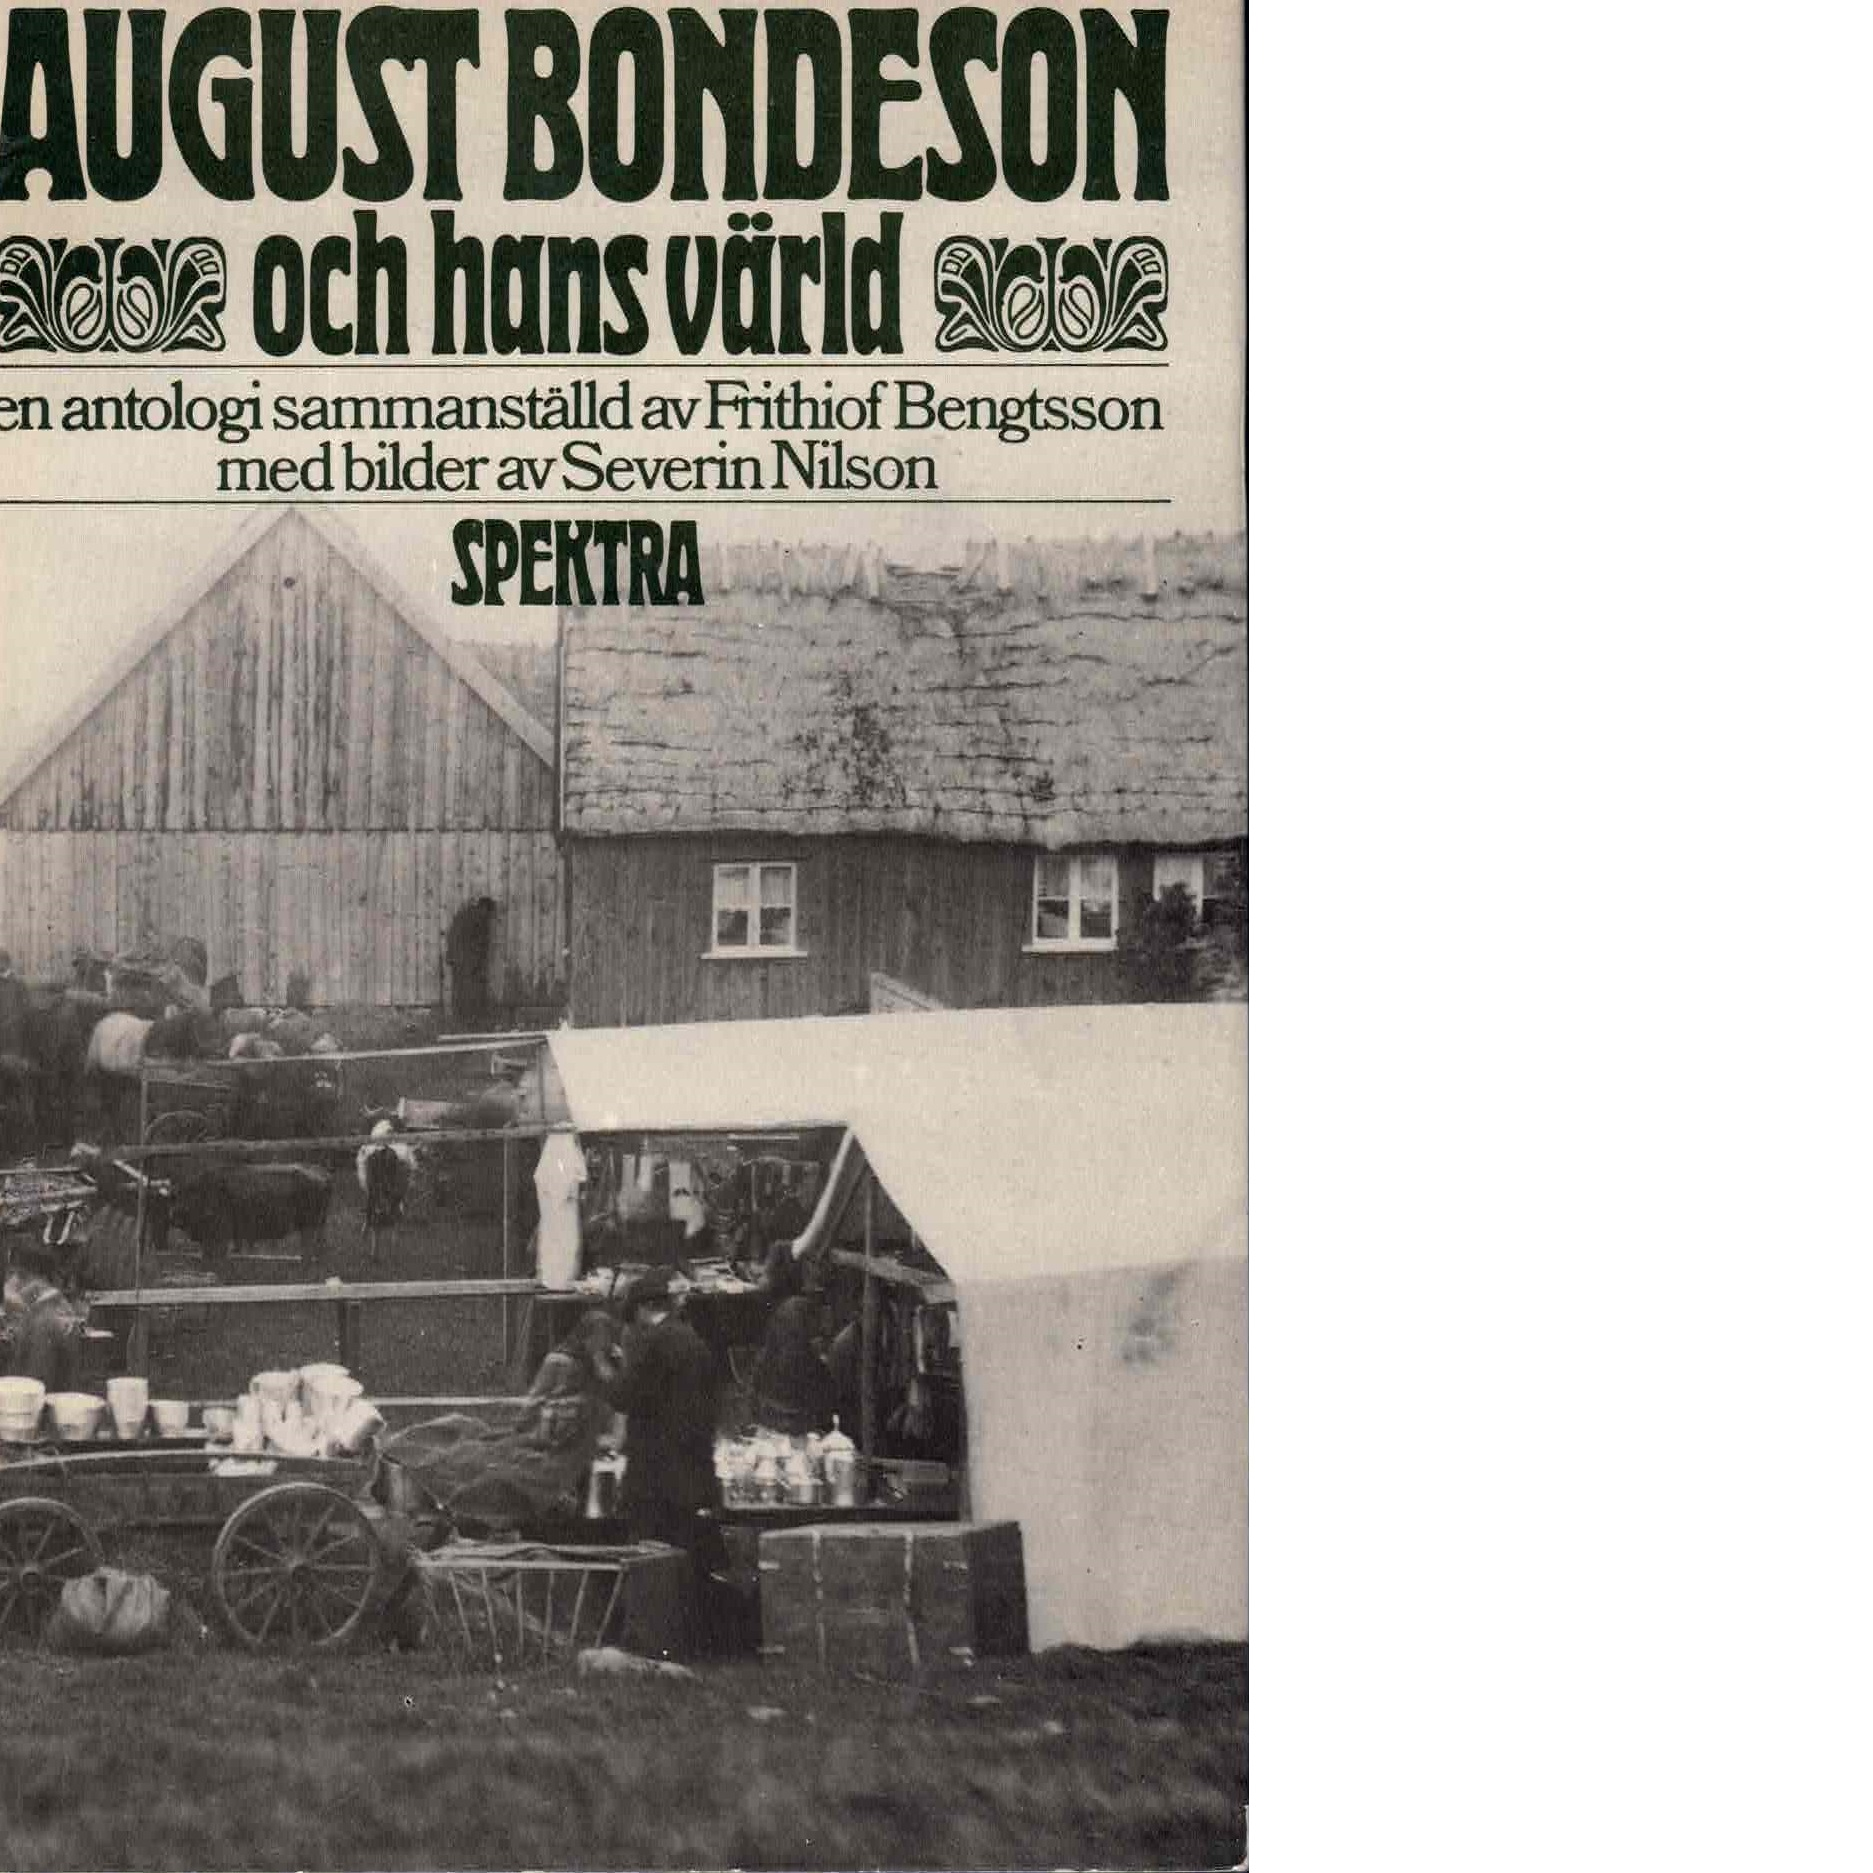 August Bondeson och hans värld - Bondeson, August och Bengtsson, Fritiof